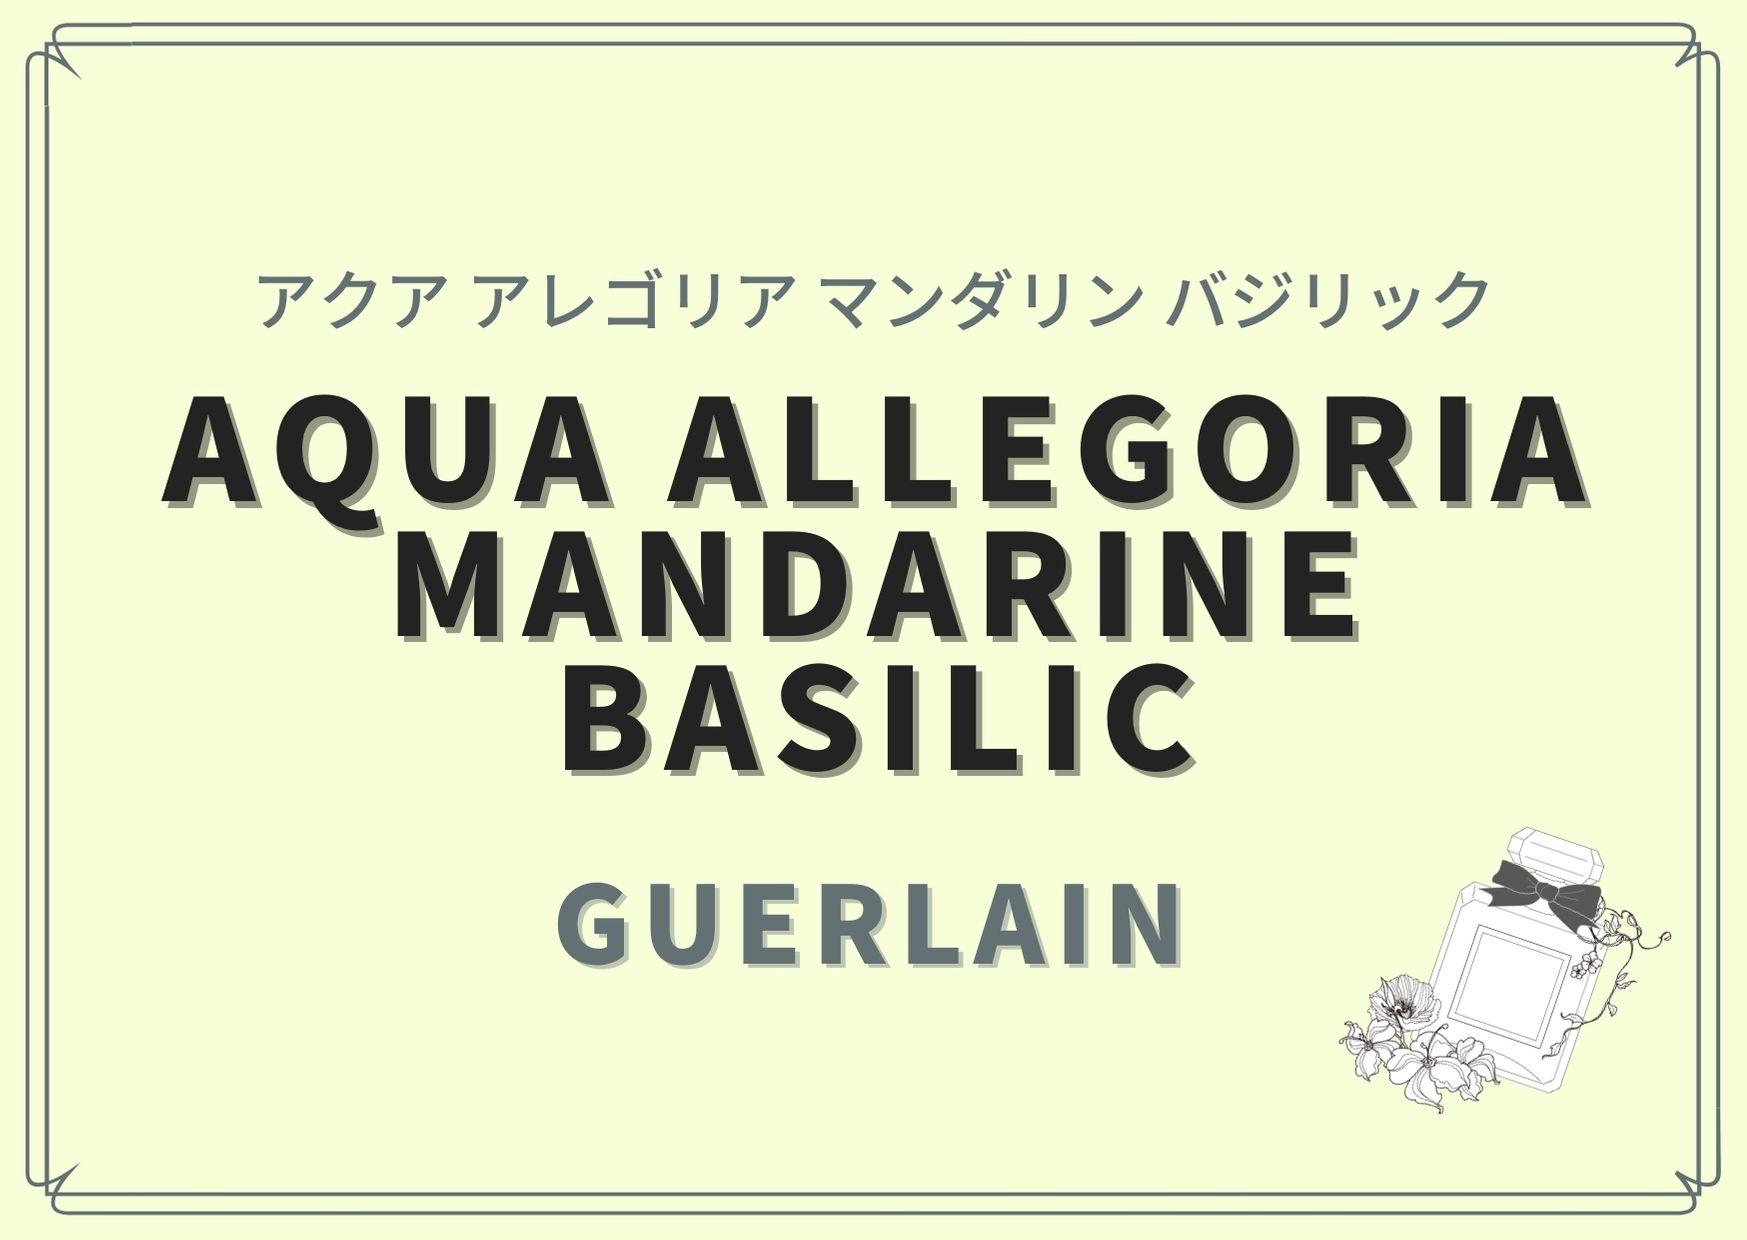 AQUA ALLEGORIA MANDARINE BASILIC(アクア アレゴリア マンダリンバジリック)/GUERLAIN(ゲラン)